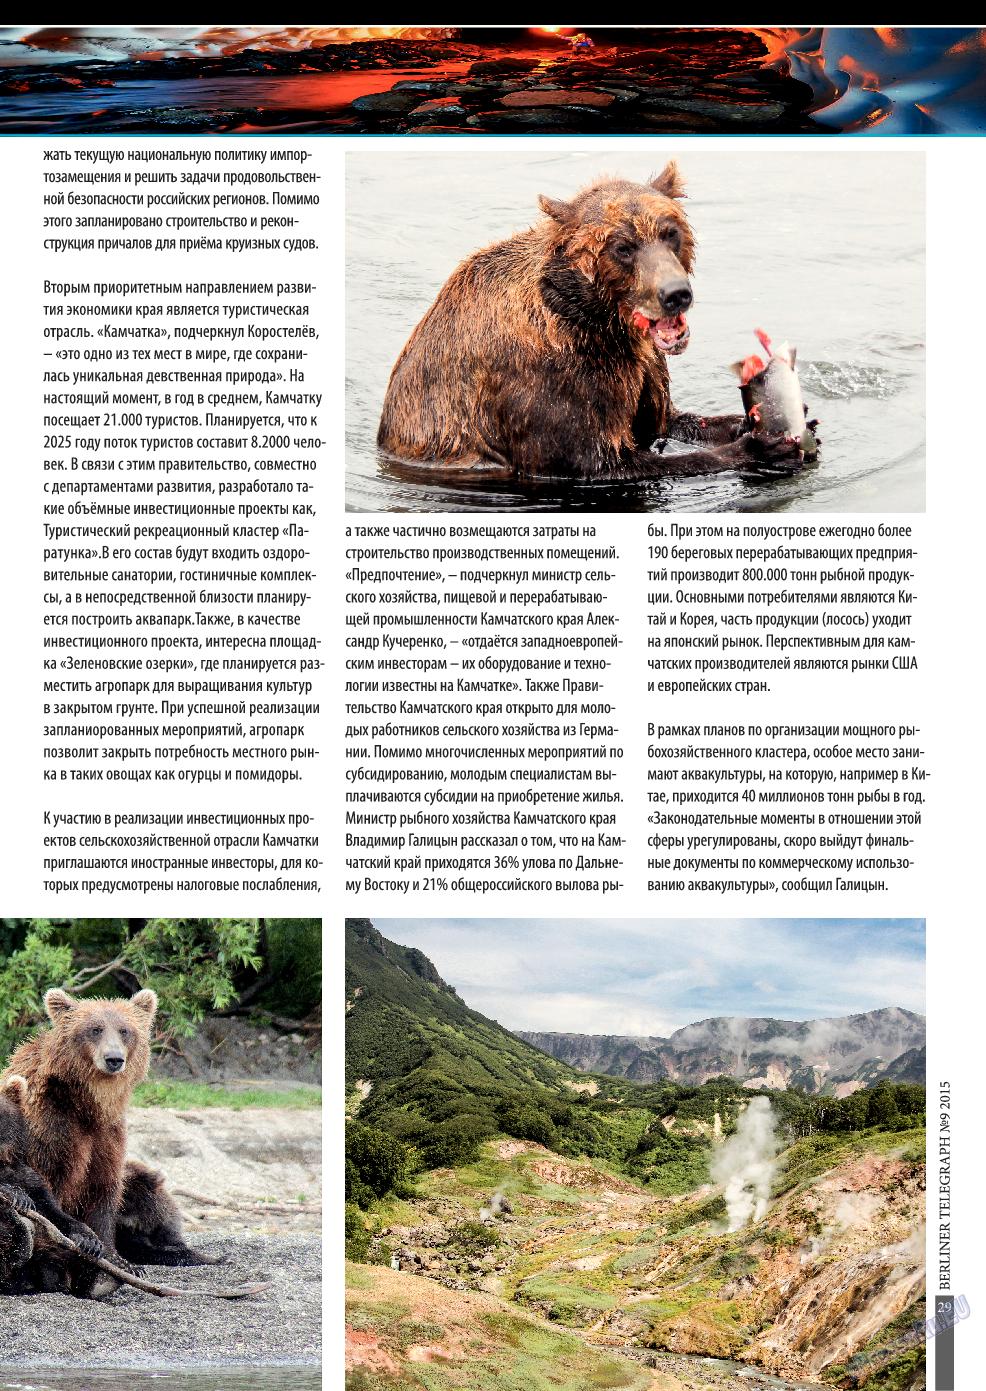 Берлинский телеграф (журнал). 2015 год, номер 9, стр. 29